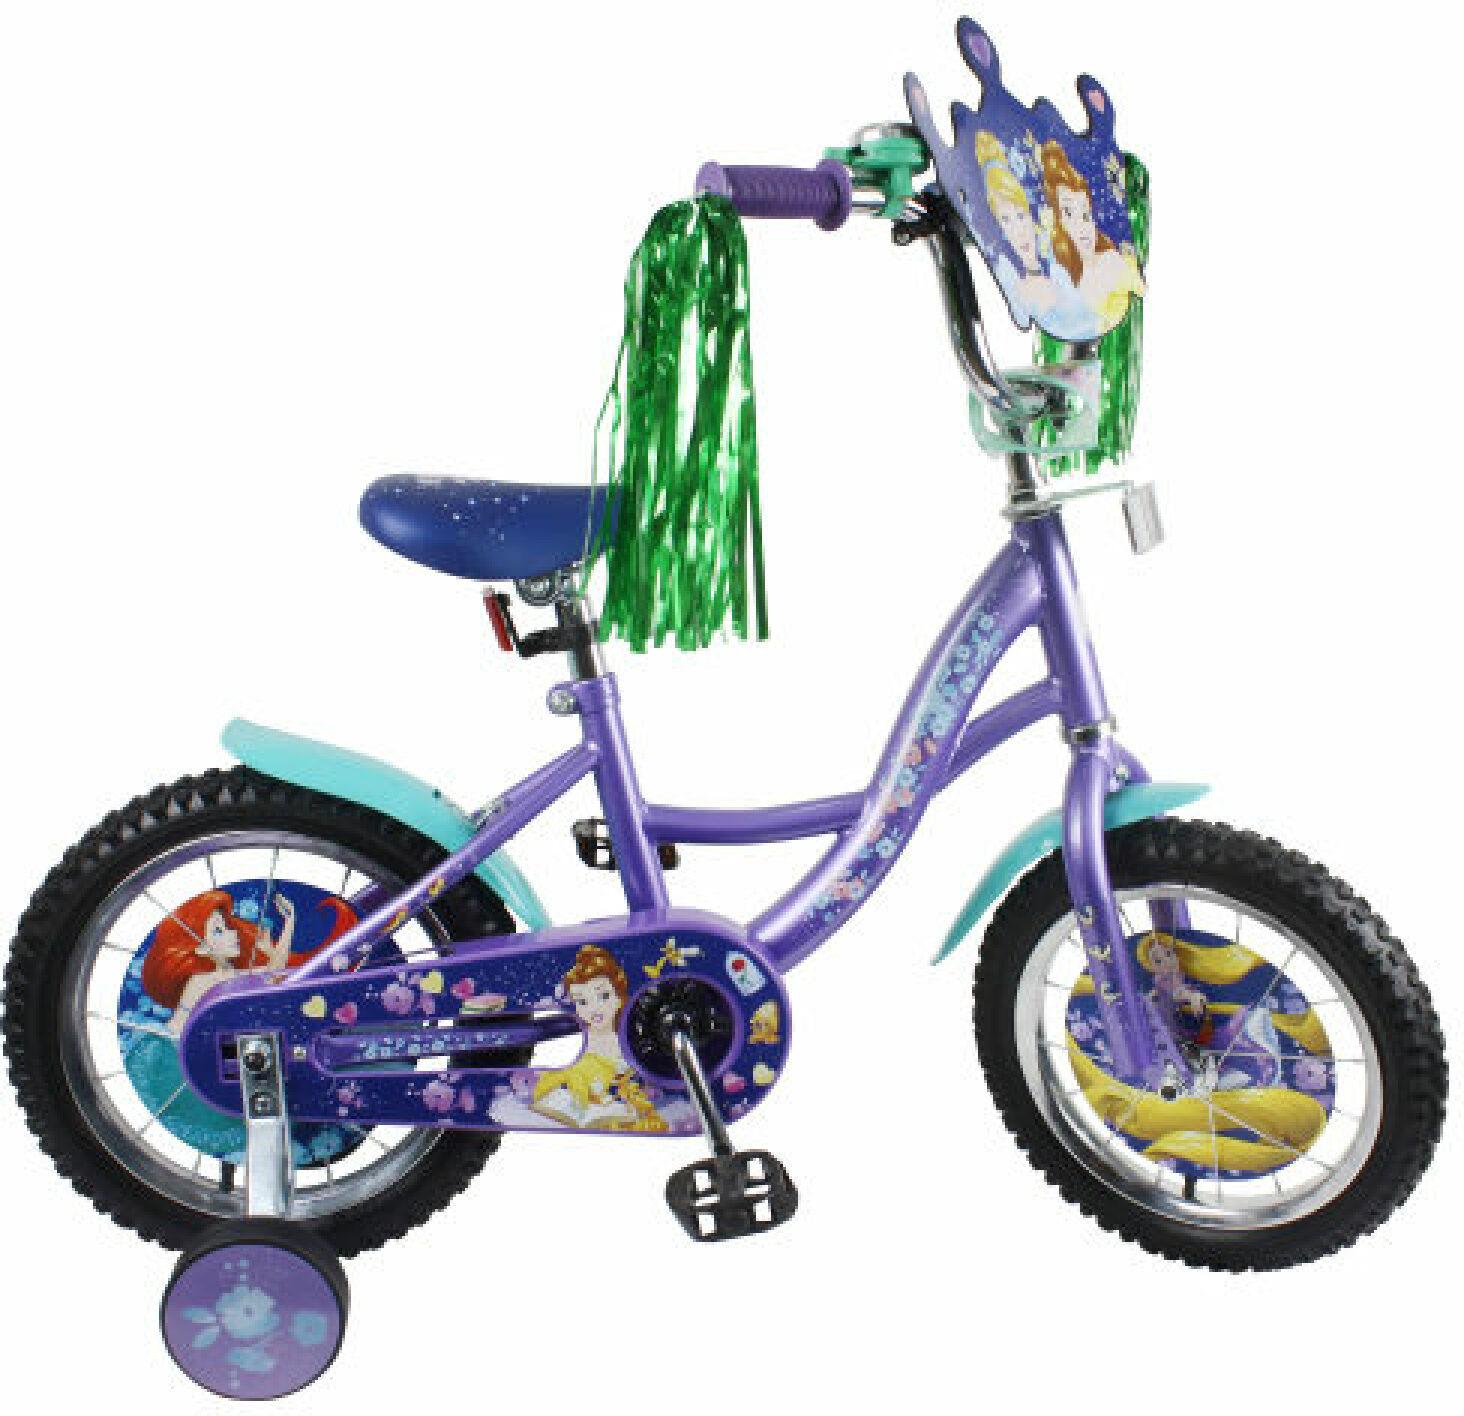 Велосипед детский Disney Принцессы, ВН14165, разноцветный, колесо 14 велосипед для малышей 3 5 лет 14 500 робот